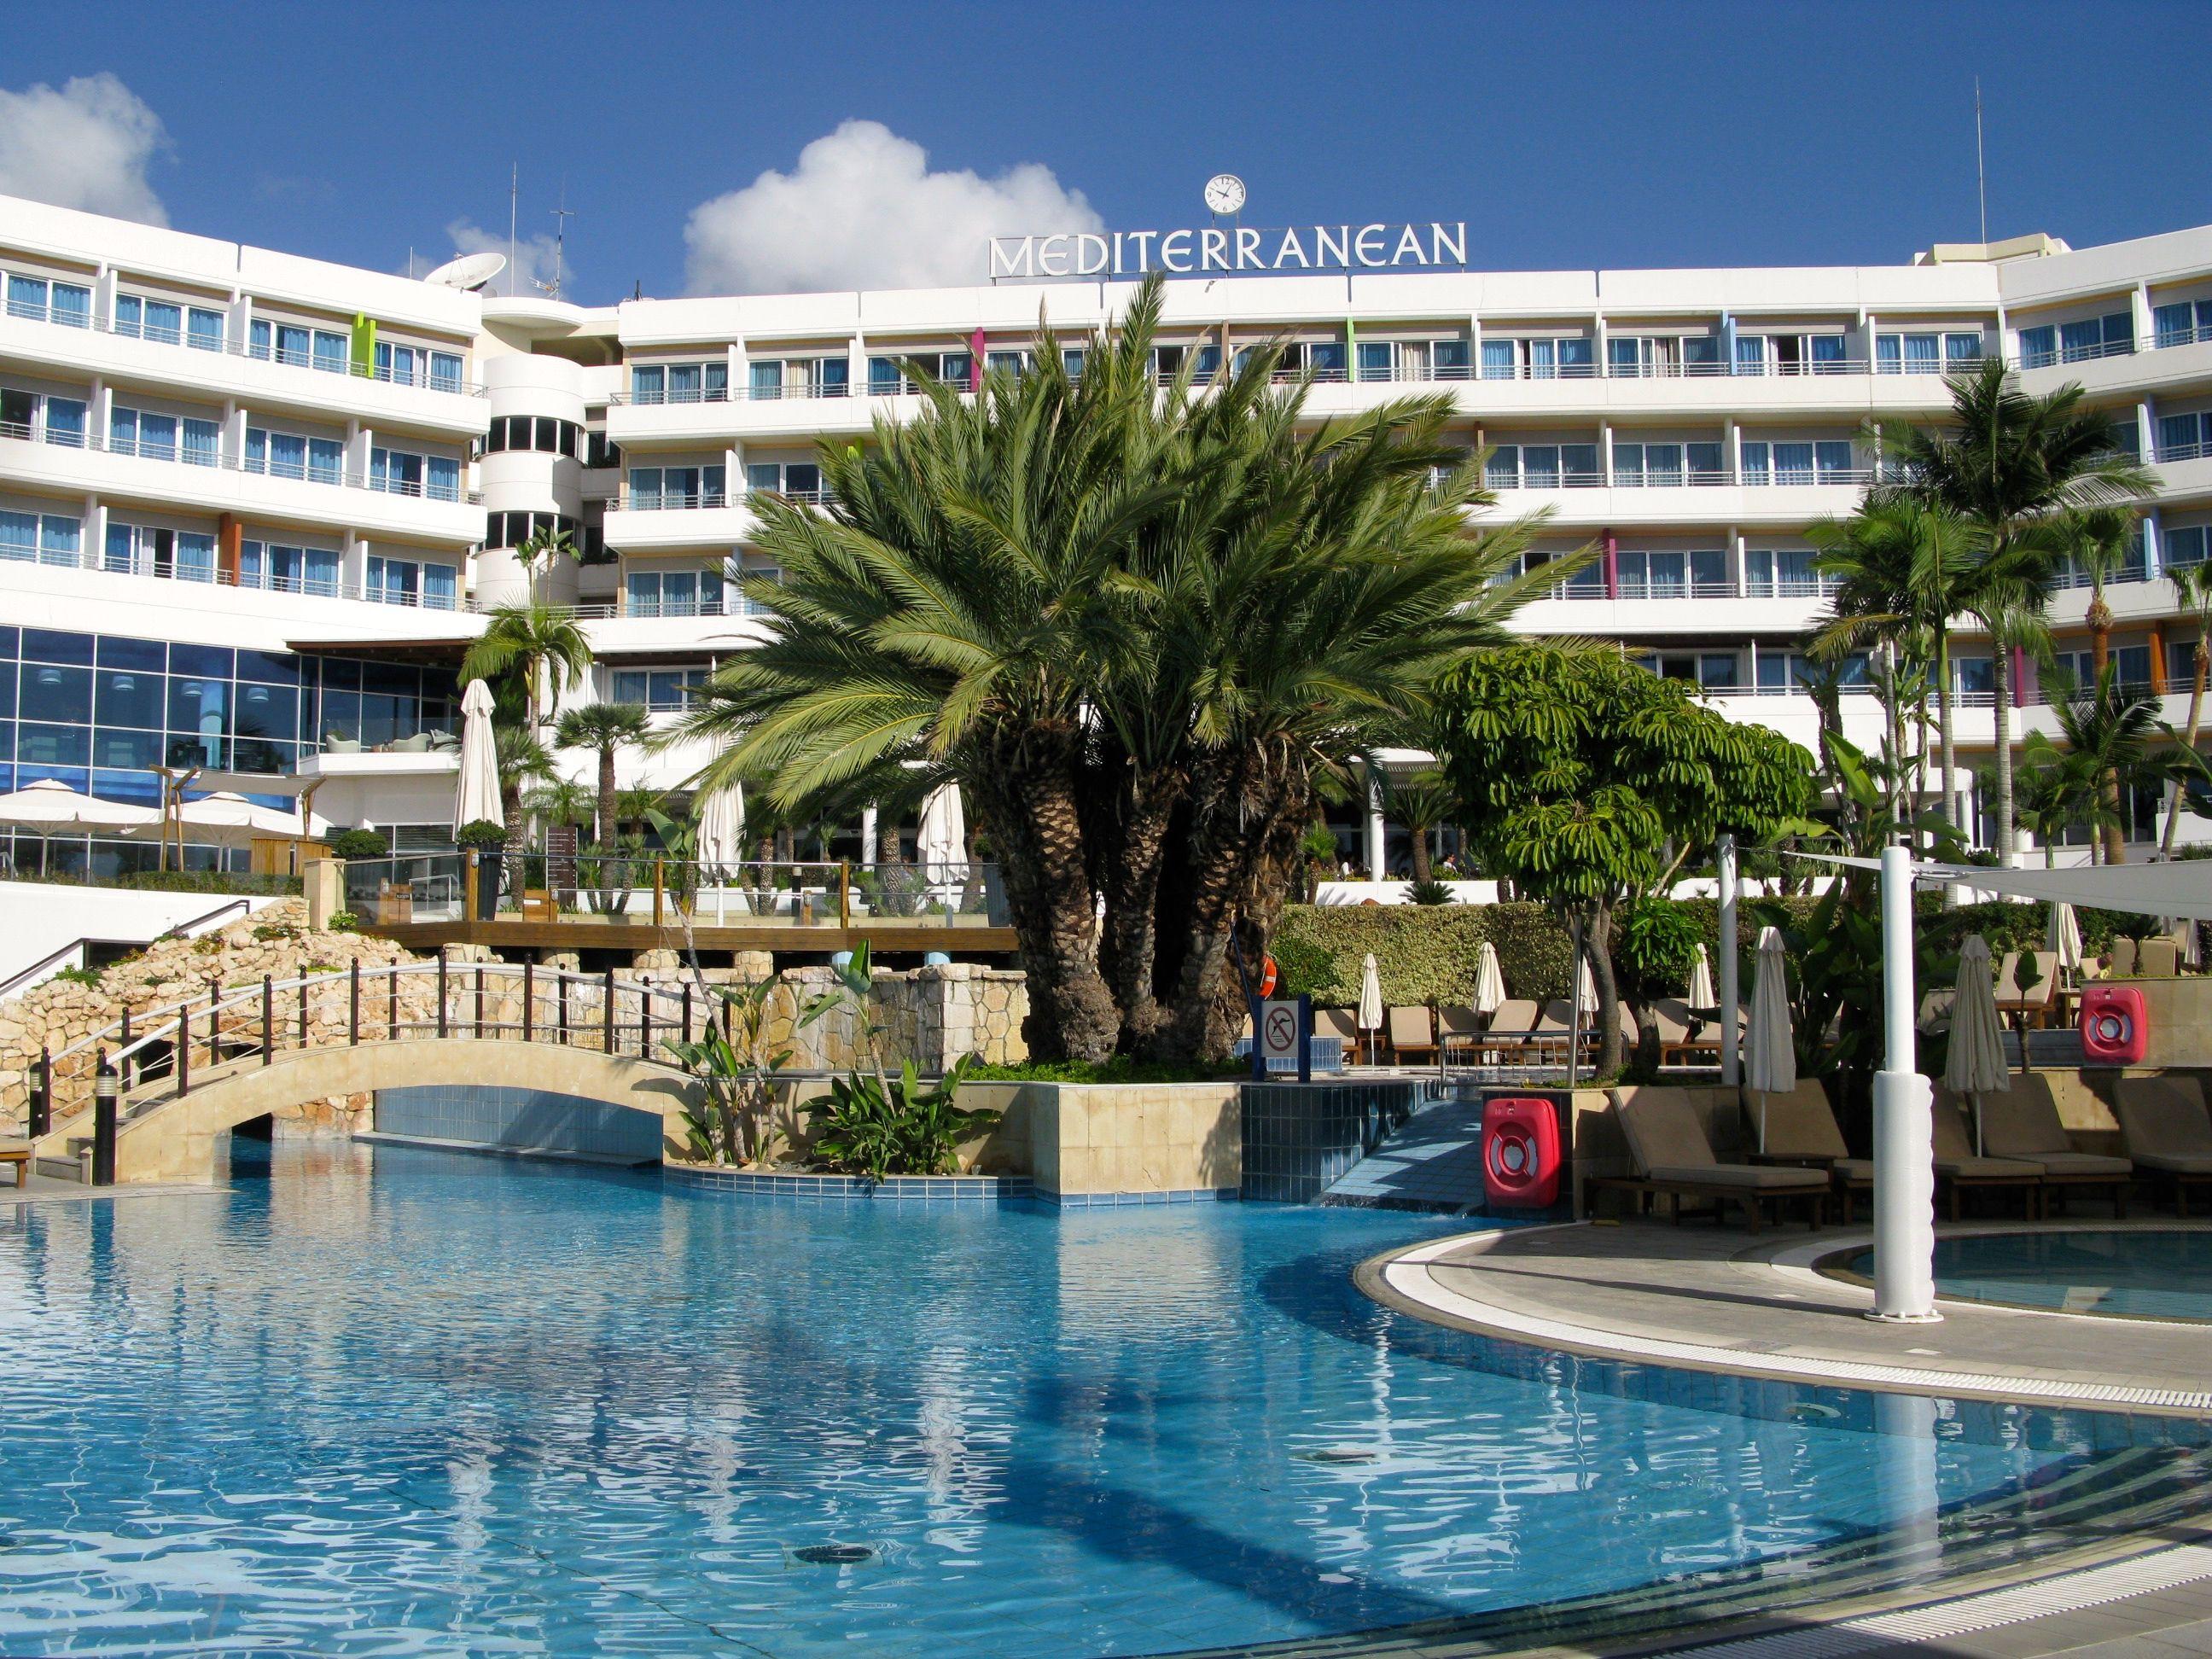 Mediterranean Beach Hotel Limol Cyprus